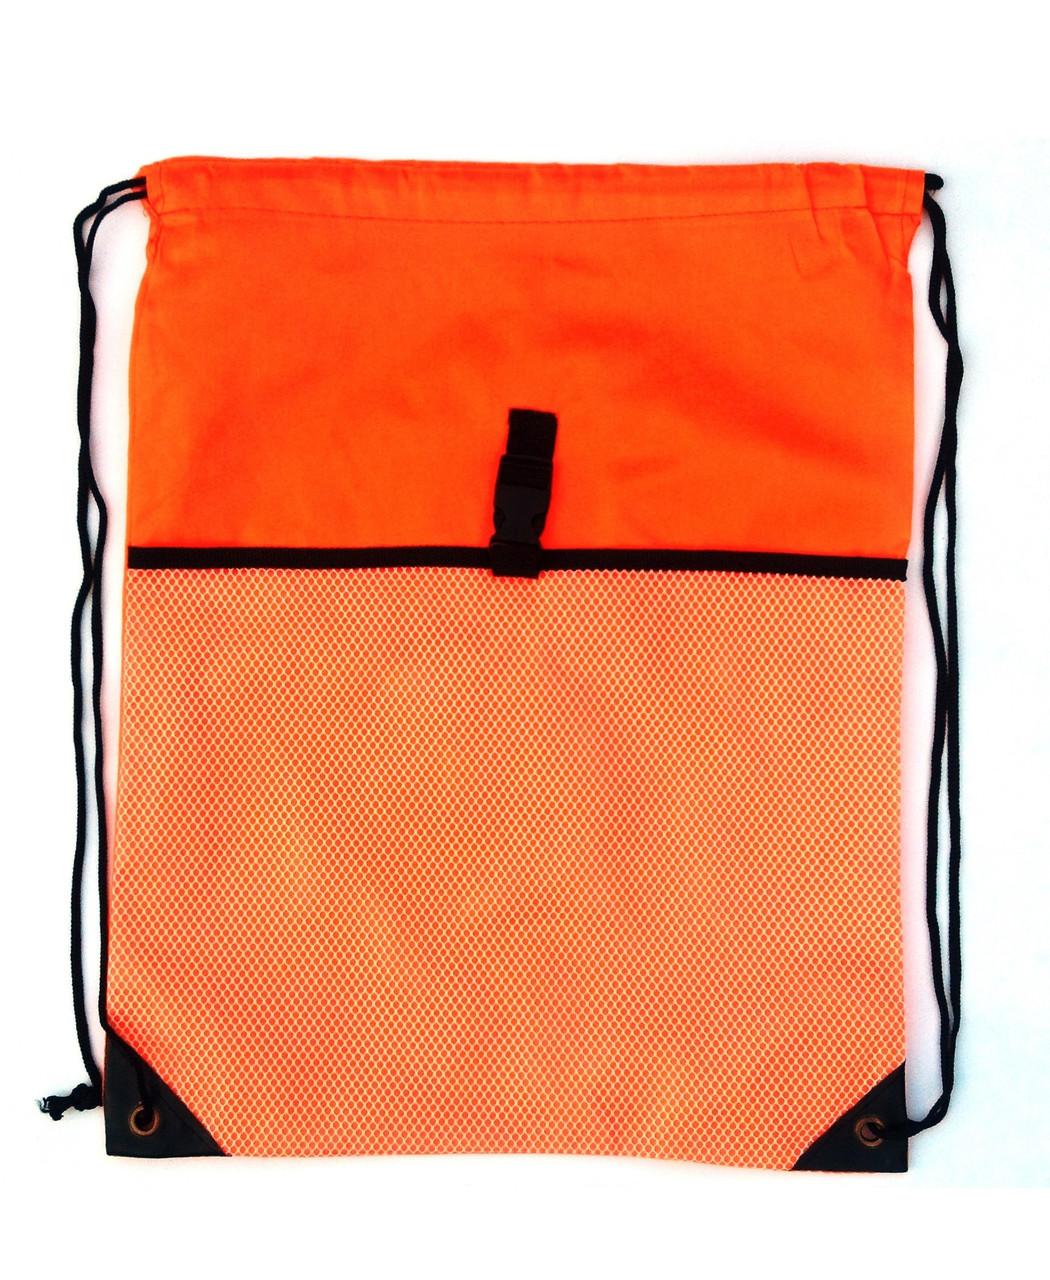 Сумка дла сменки 2 отделения, подросток Оранжевая